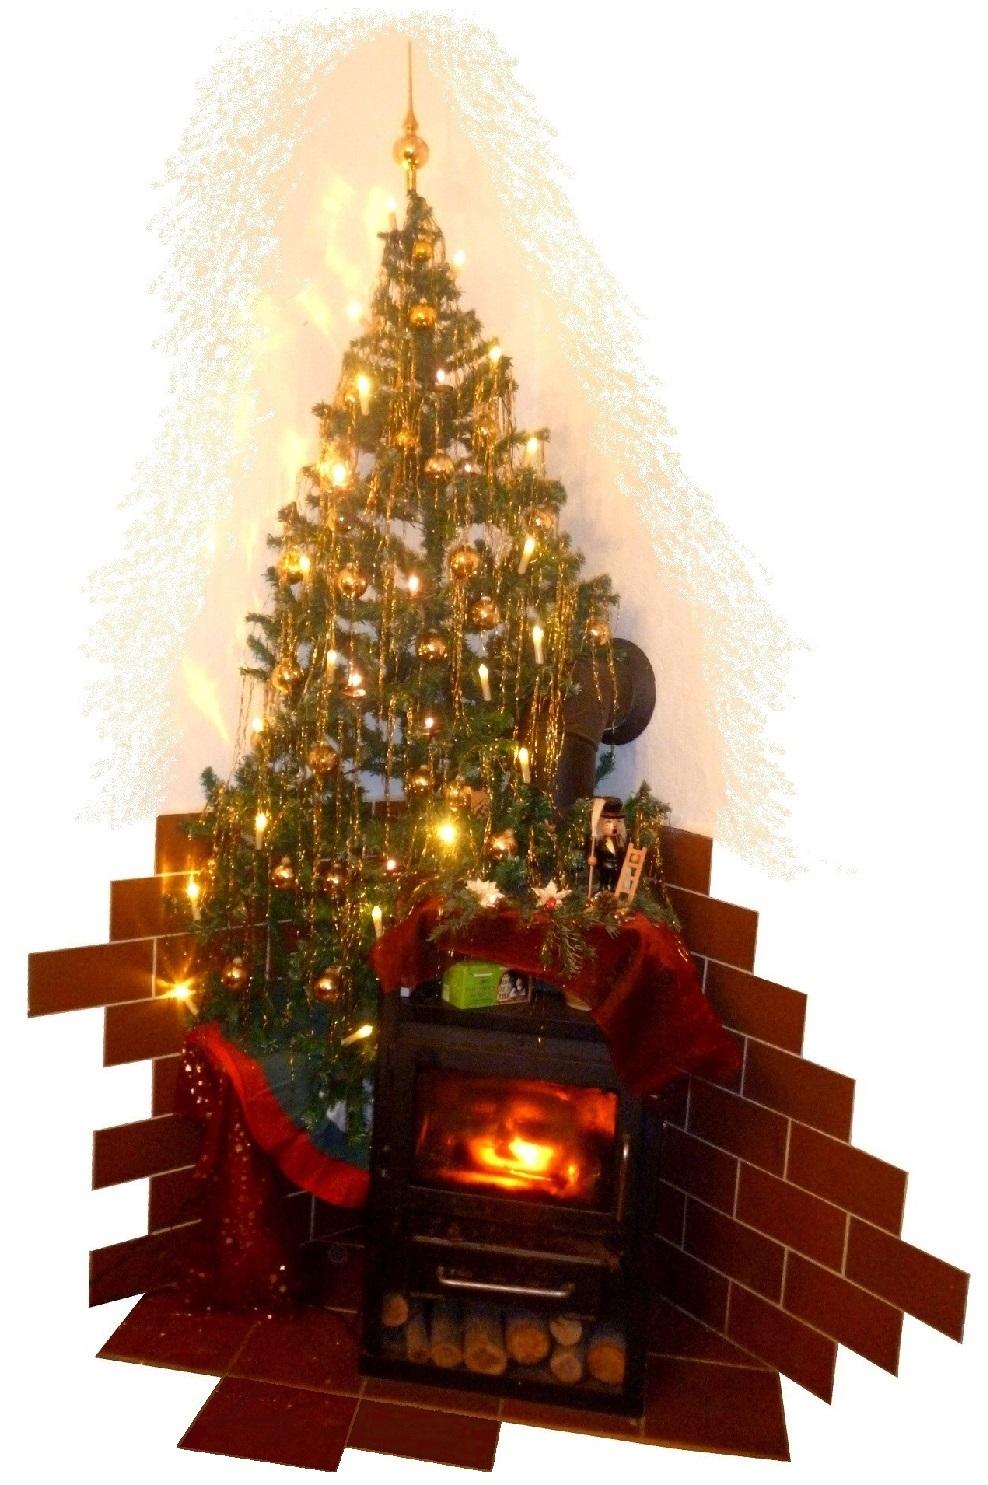 Julfest, Wintersonnenwende